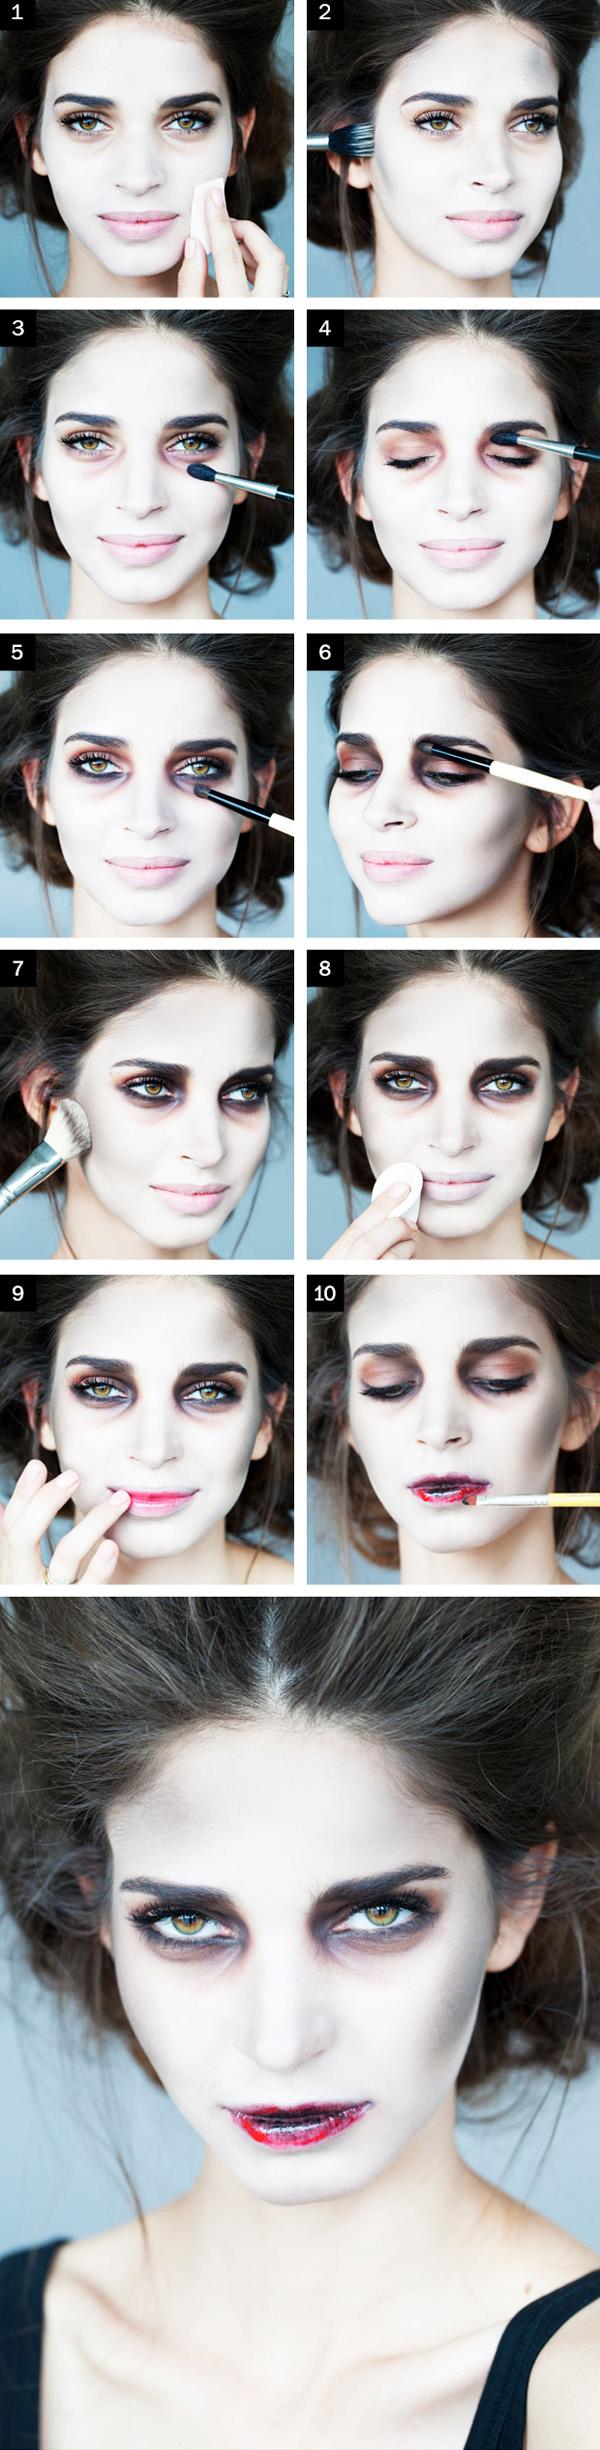 zombie-bride-halloween-makeup-tutorial